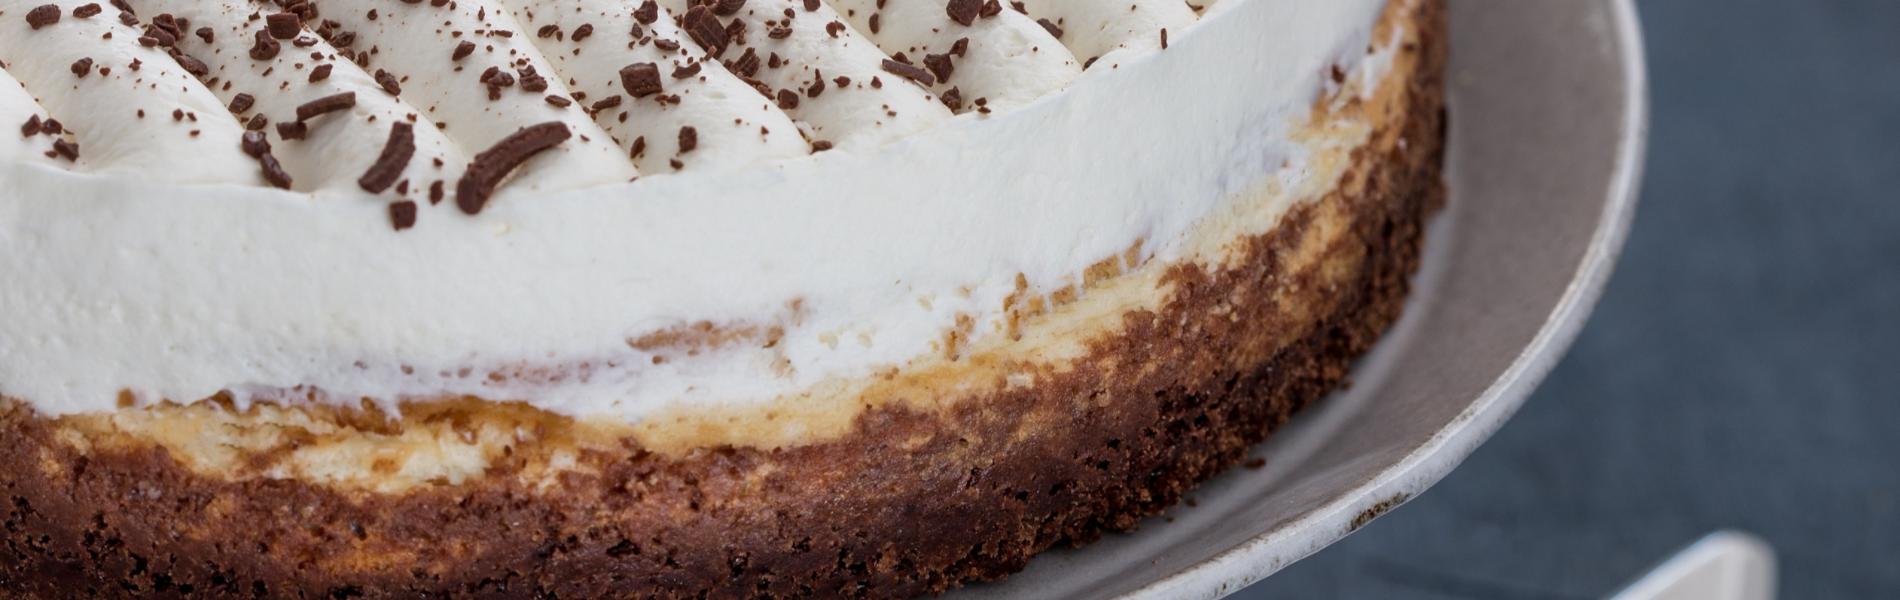 פילדלפיה כשרה לפסח – עוגת גבינת שמנת עם בסיס בראוניז